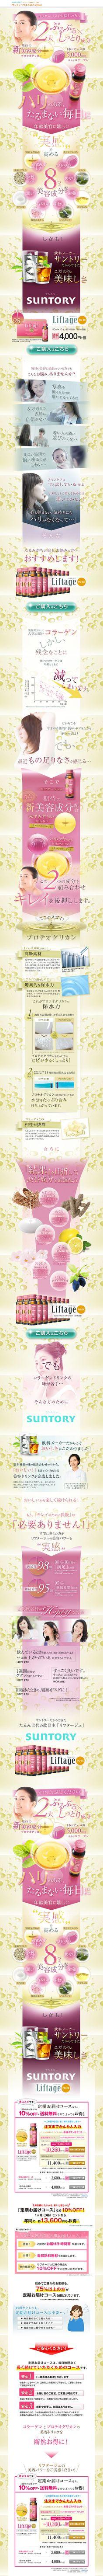 ランディングページ LP Liftage|健康・美容食品|自社サイト